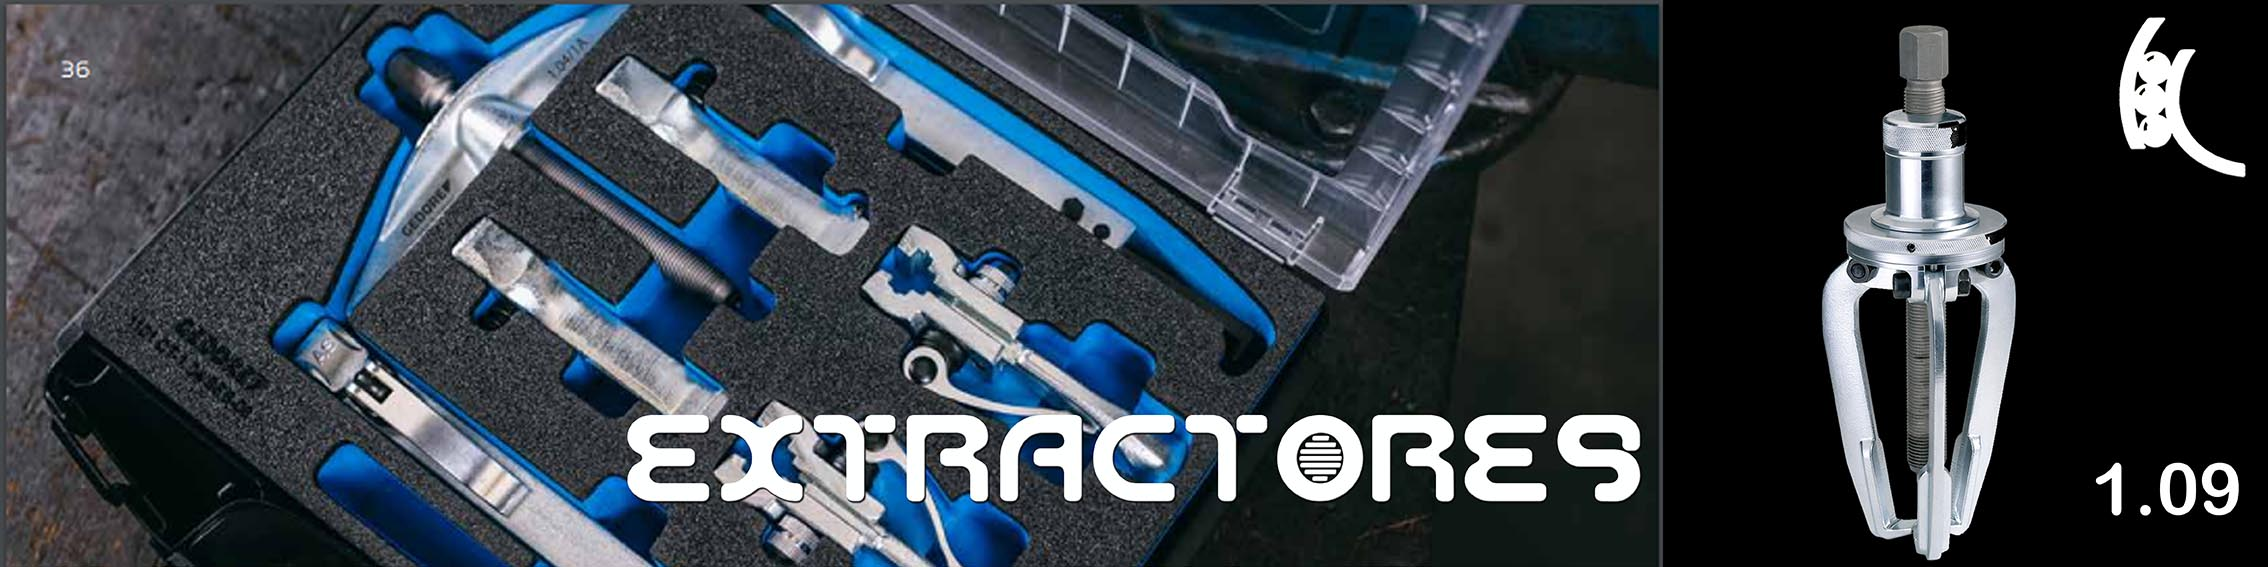 109 extractores 2.jpg